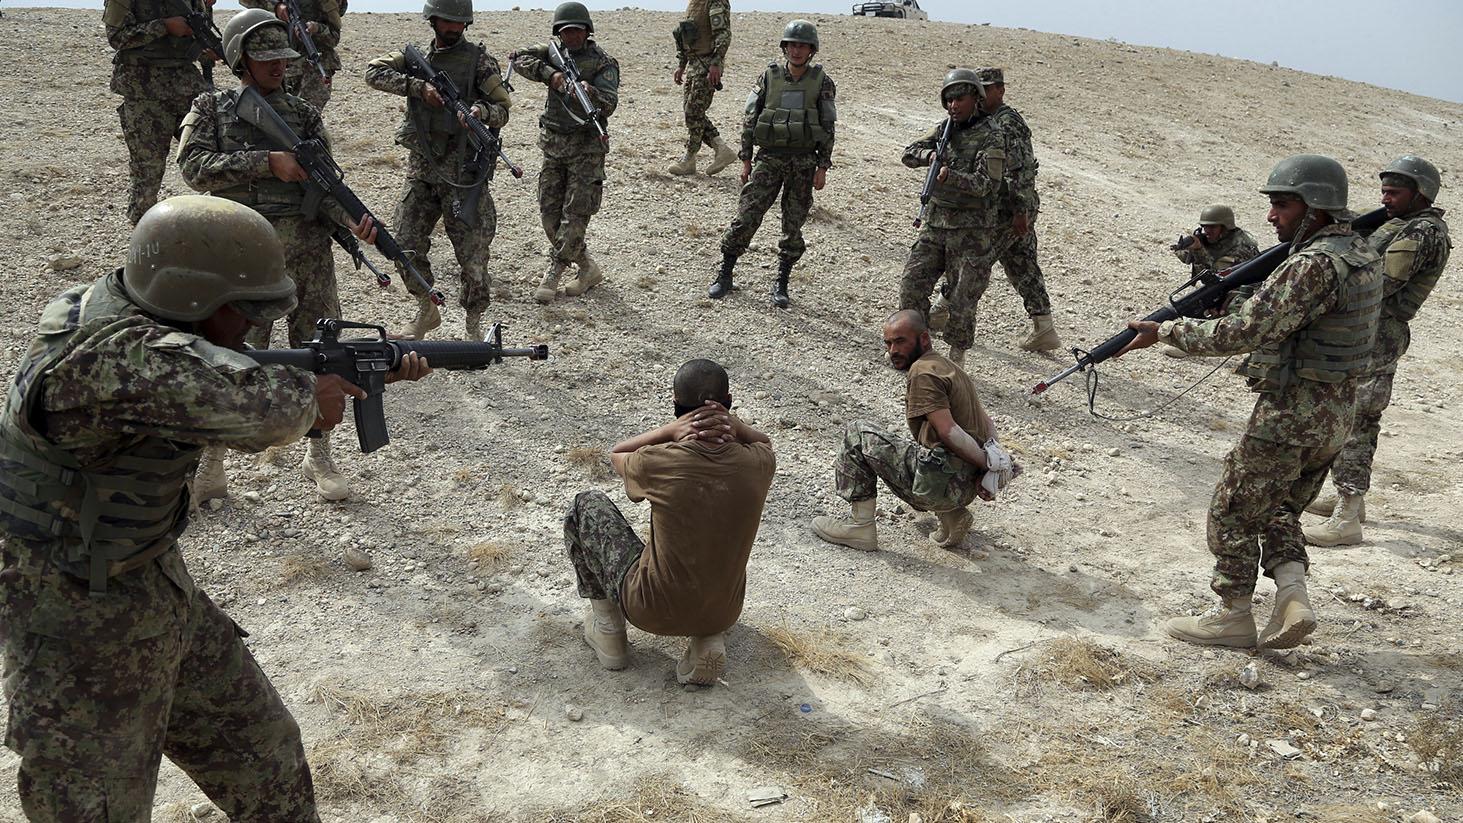 伊拉克的军队在进行演练。(美联社)